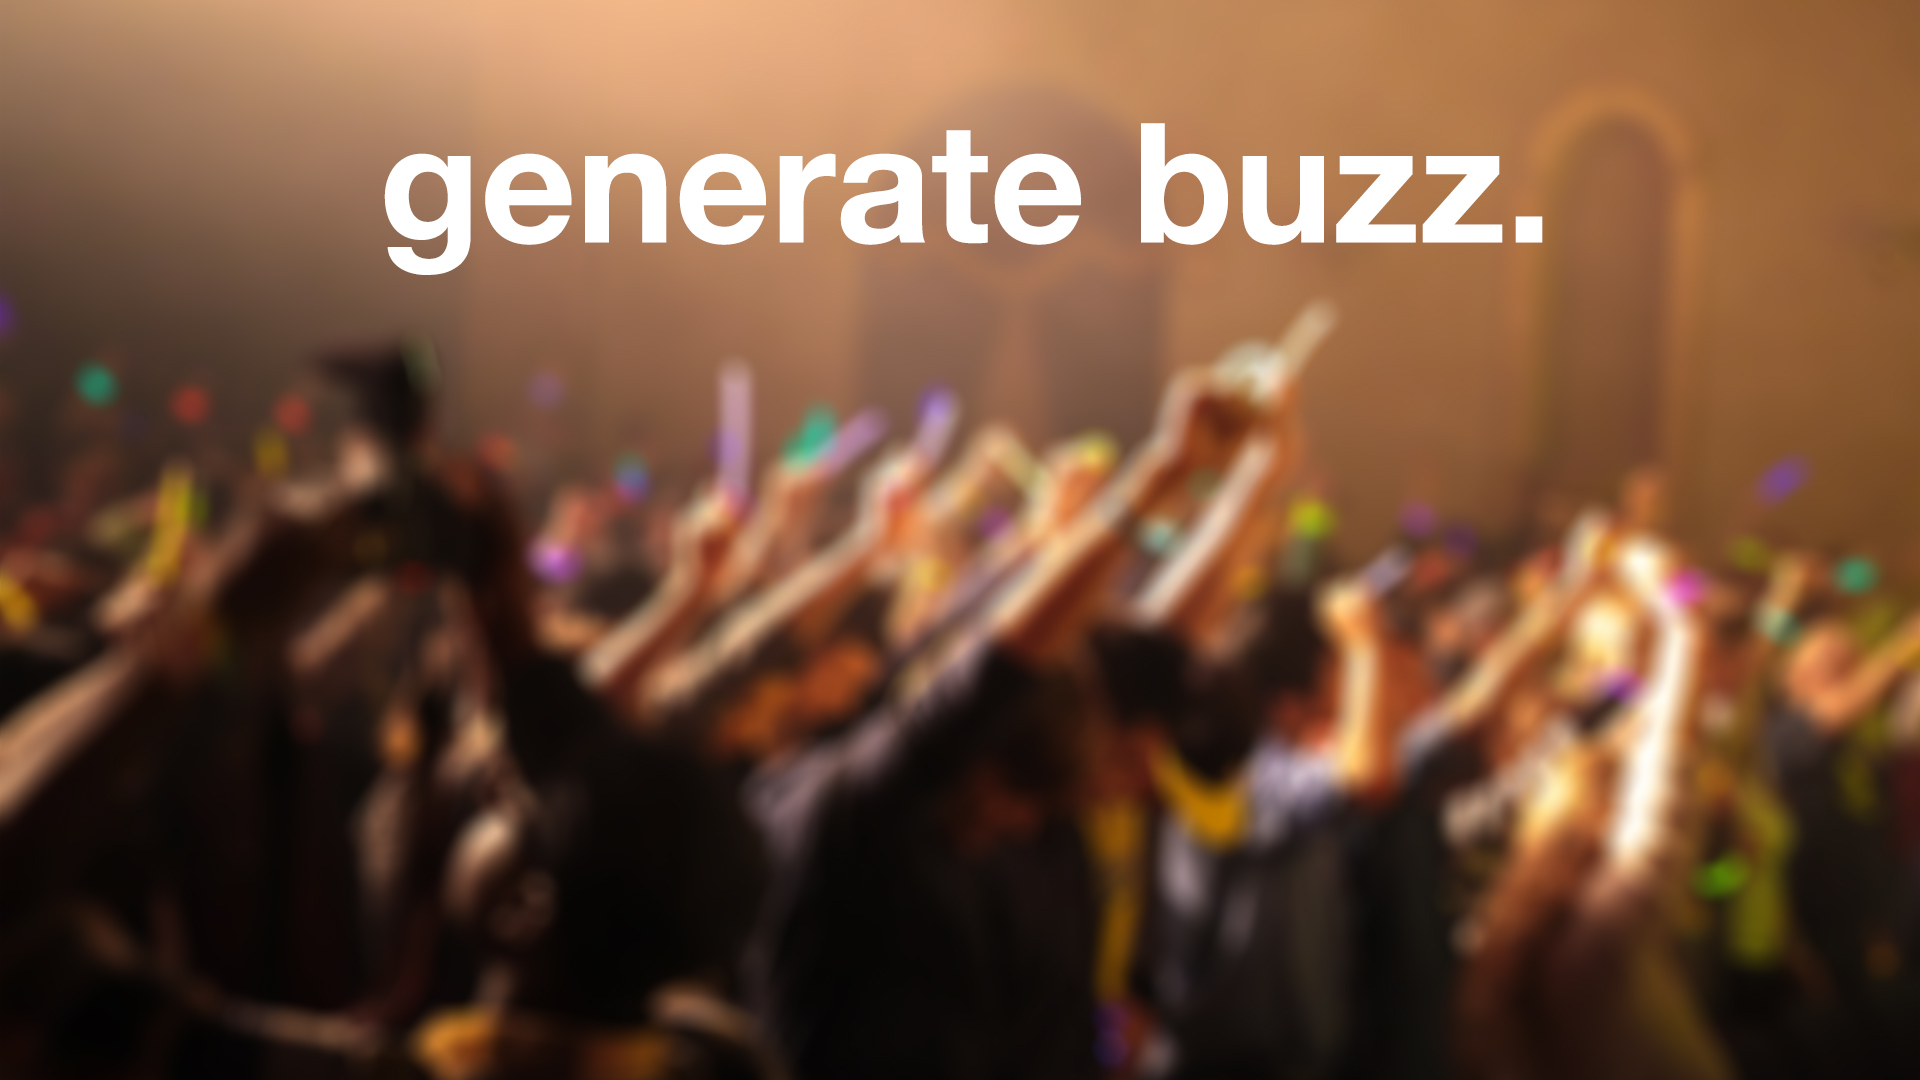 Buzz_in_Community_1920x1080